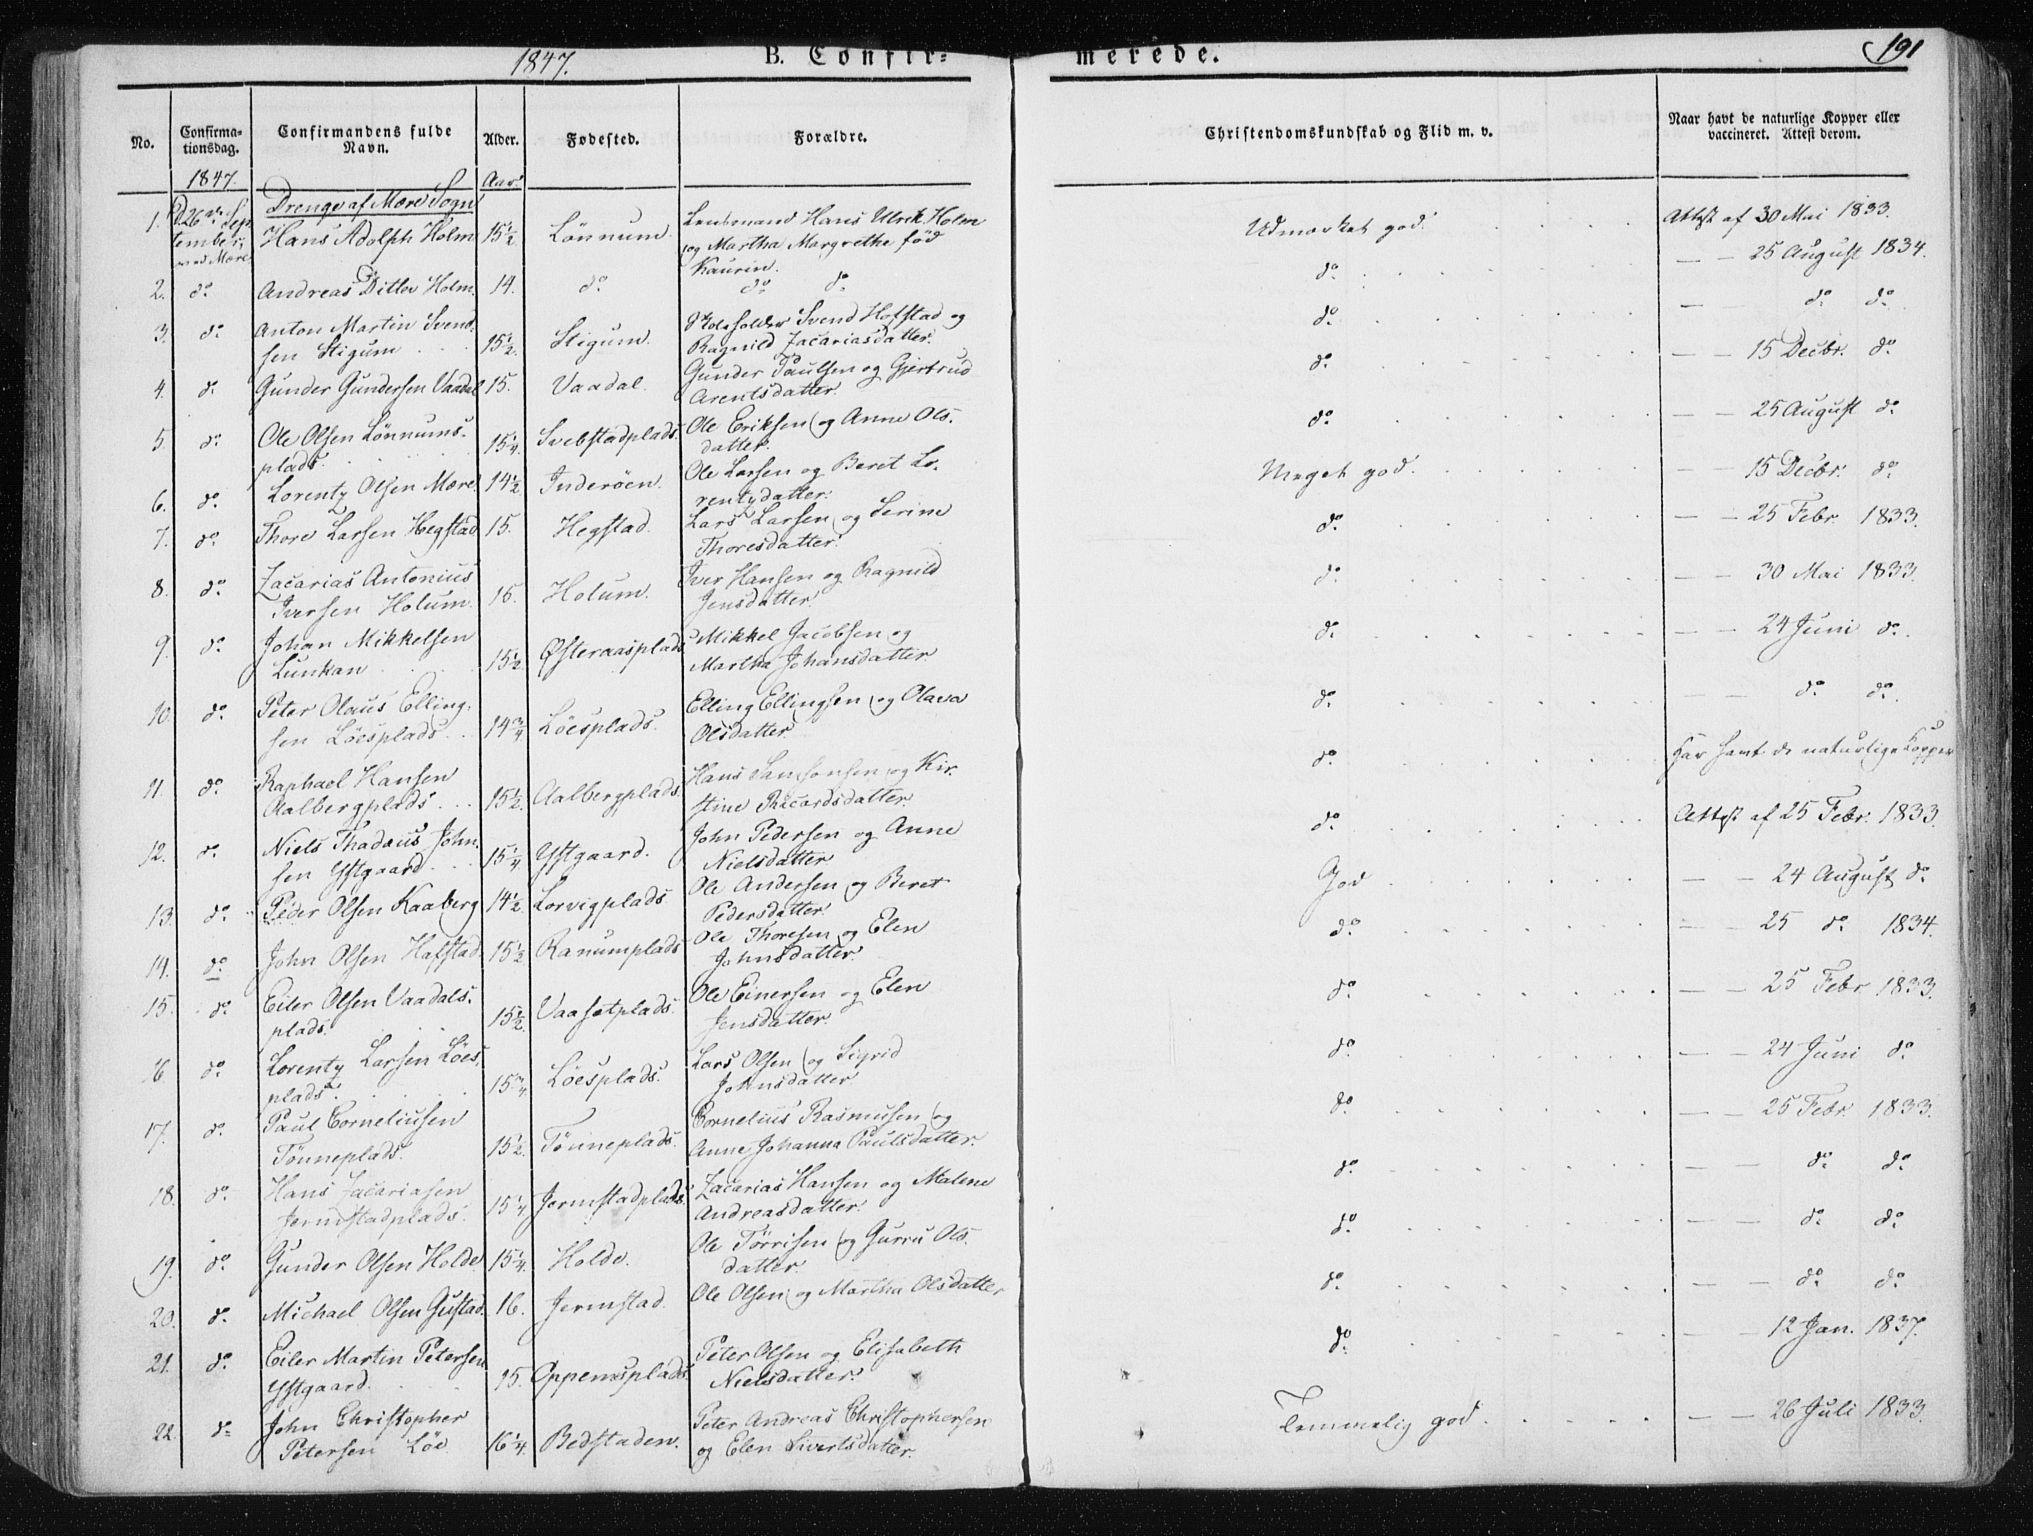 SAT, Ministerialprotokoller, klokkerbøker og fødselsregistre - Nord-Trøndelag, 735/L0339: Ministerialbok nr. 735A06 /1, 1836-1848, s. 191